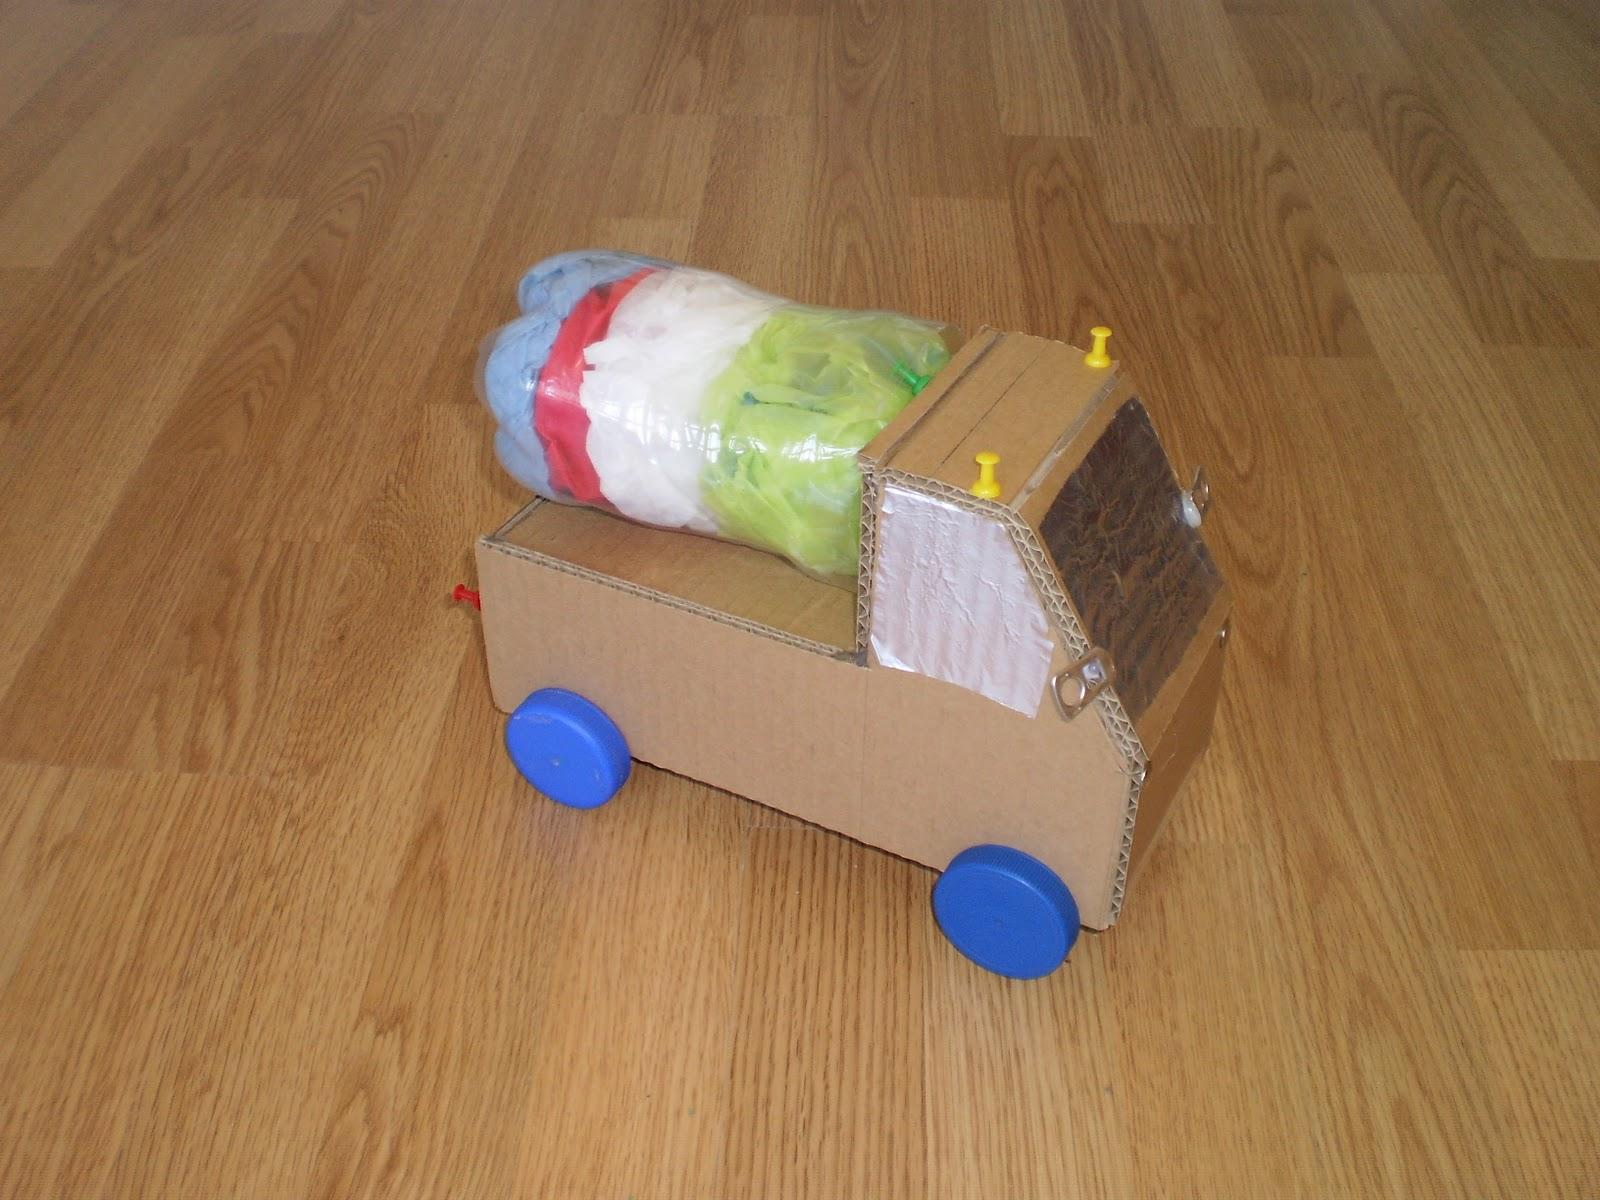 Plastycznie i ekologicznie - drugie życie śmiecia: października 2011